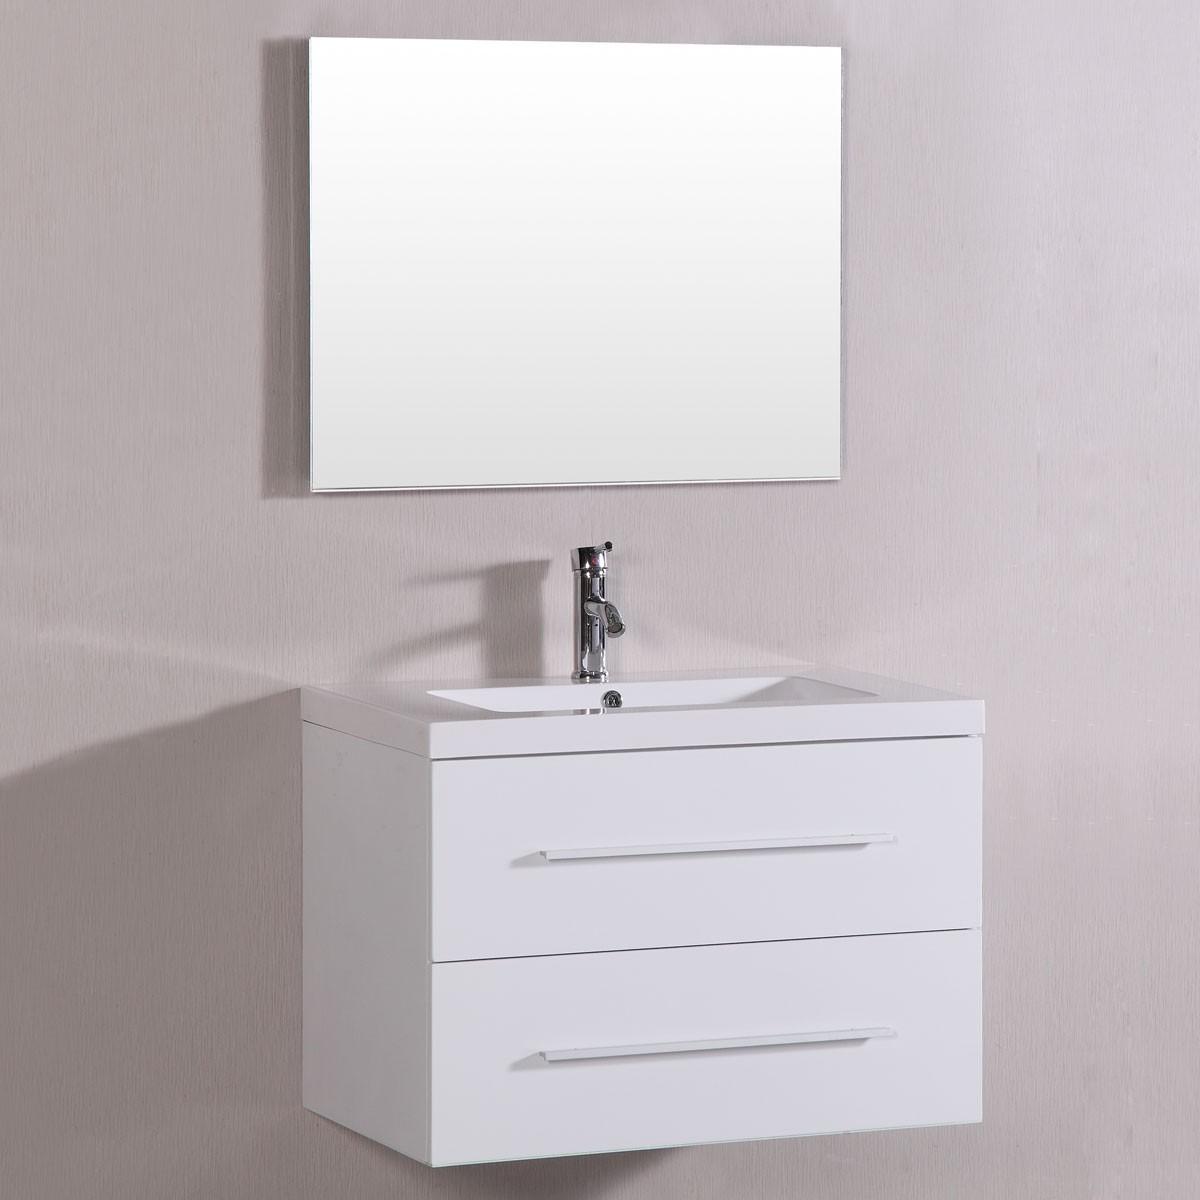 40 In. MDF Bathroom Vanity Set with Single Sink and Mirror (DK-TM8120S-SET)